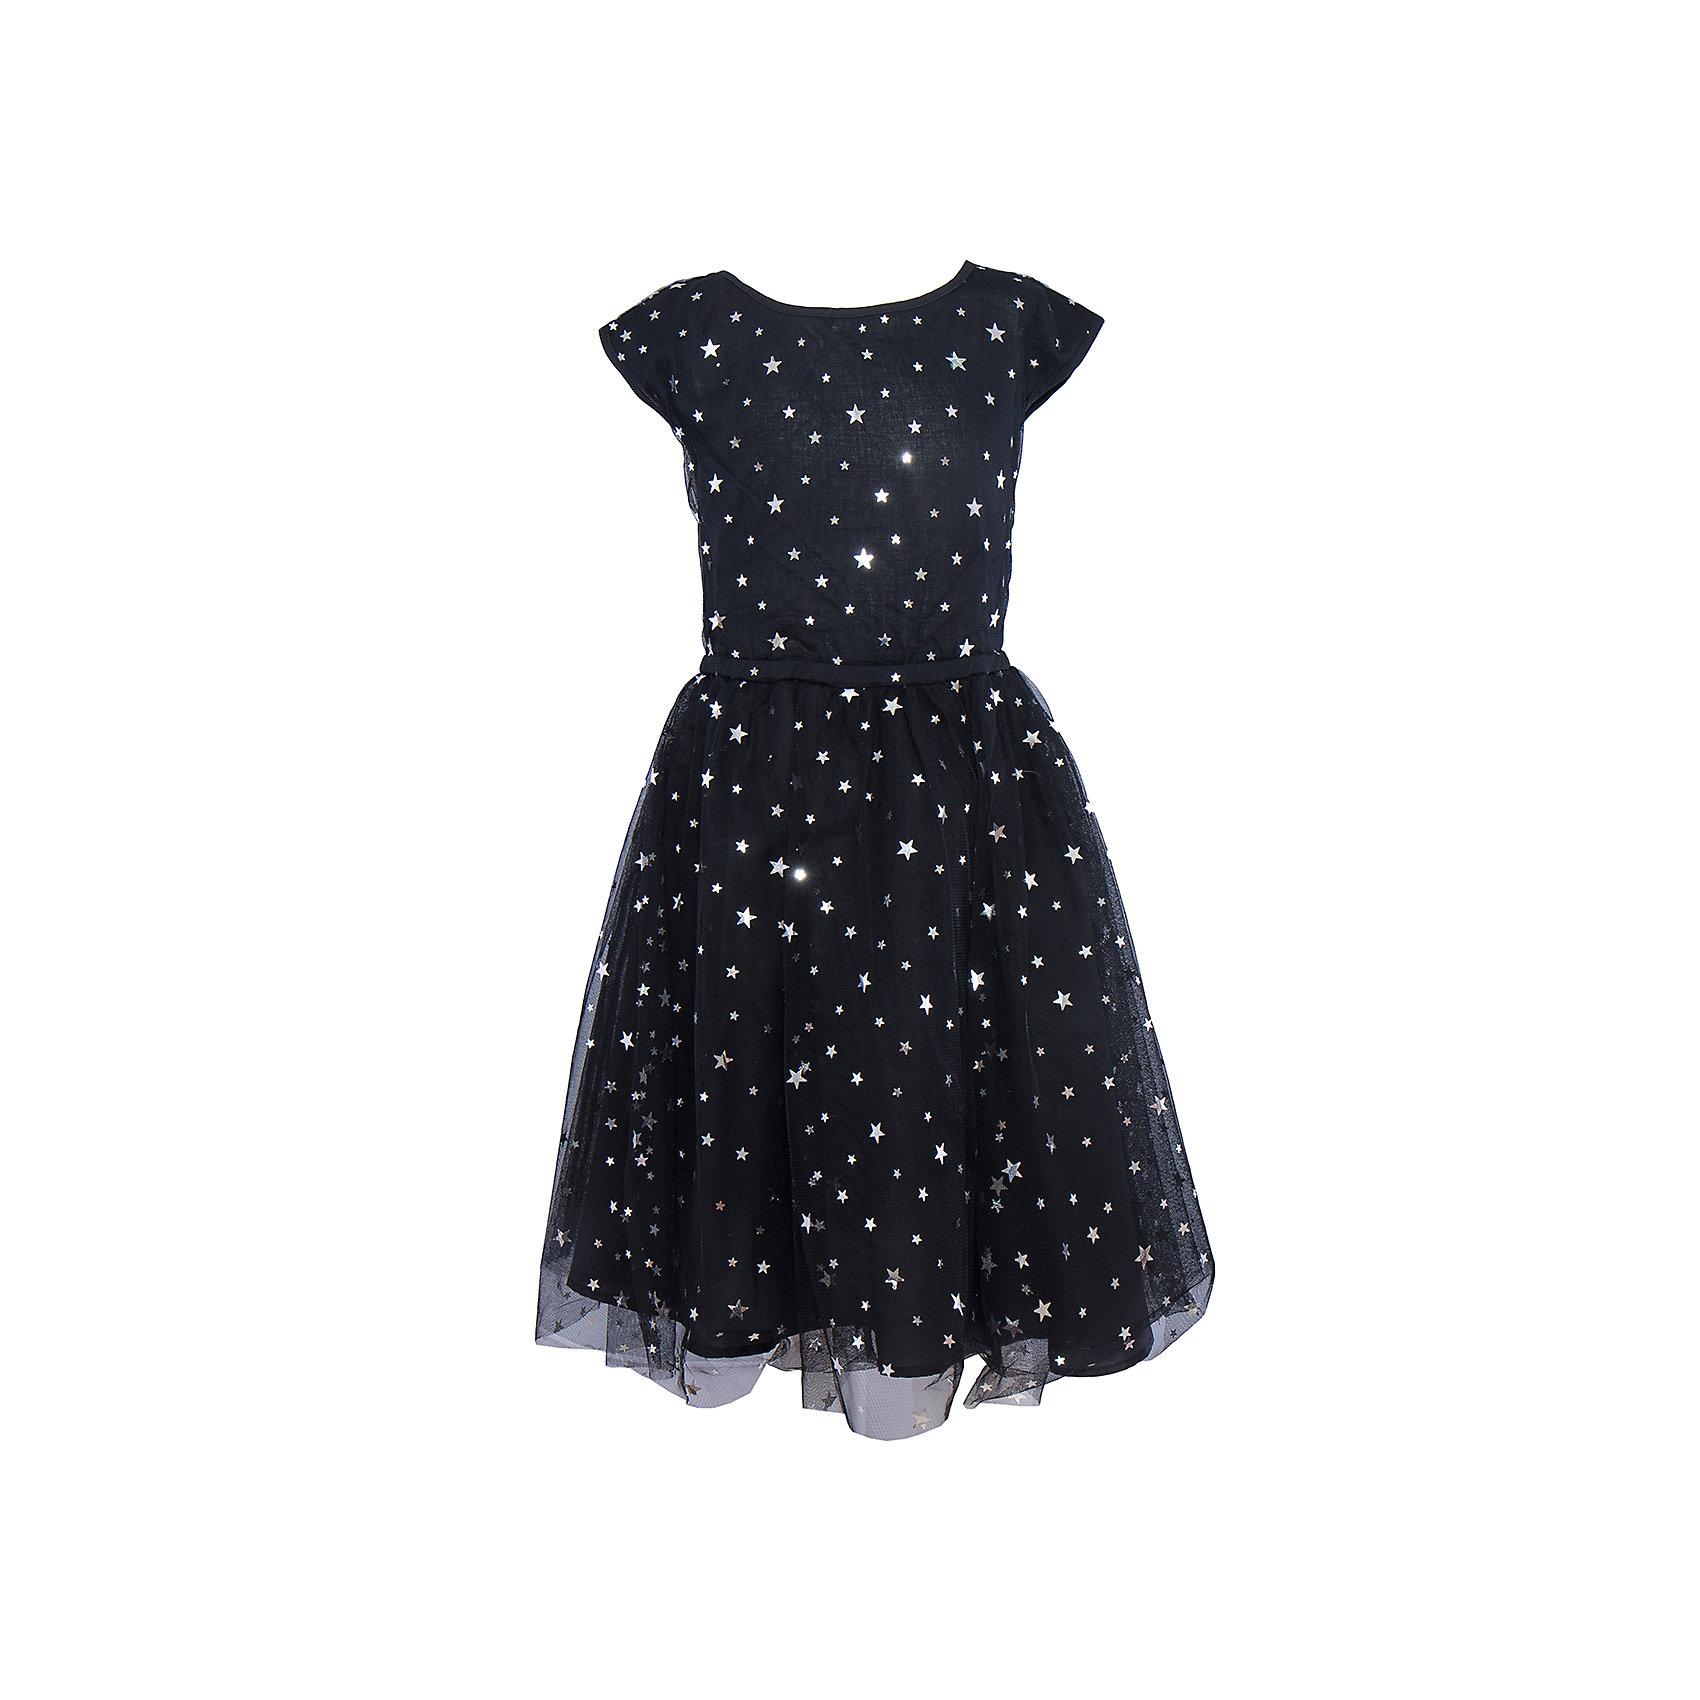 Нарядное платье для девочки ScoolОдежда<br>Характеристики:<br><br>• Вид одежды: праздничное платье<br>• Сезон: круглый год<br>• Материал: полиэстер – 100% (верх); хлопок – 100% (подкладка)<br>• Цвет: черный<br>• Силуэт: А стиль<br>• Длина платья: миди<br>• Рукав: короткий, приспущенный<br>• Вырез горловины: круглый<br>• Застежка: молния<br>• Особенности ухода: ручная стирка без применения отбеливающих средств, глажение при низкой температуре <br><br>Стильное праздничное платье для девочки Scool выполнено из сочетания полиэстера и хлопка. Сетка из полиэстера, придающая платью пышность, легкость и форму, использована для верха, подклад выполнен из 100% хлопка. Платье выполнено в классическом приталенном А силуэте, имеет круглую горловину и слегка приспущенный рукав. Верхняя сетка оформлена россыпью пайеток в форме звездочек. <br>Платье для девочки Scool, – это стиль, качество и элегантность!<br><br>Платье для девочки Scool, можно купить в нашем интернет-магазине.<br><br>Ширина мм: 236<br>Глубина мм: 16<br>Высота мм: 184<br>Вес г: 177<br>Цвет: черный<br>Возраст от месяцев: 96<br>Возраст до месяцев: 108<br>Пол: Женский<br>Возраст: Детский<br>Размер: 134,152,140,146<br>SKU: 5078557